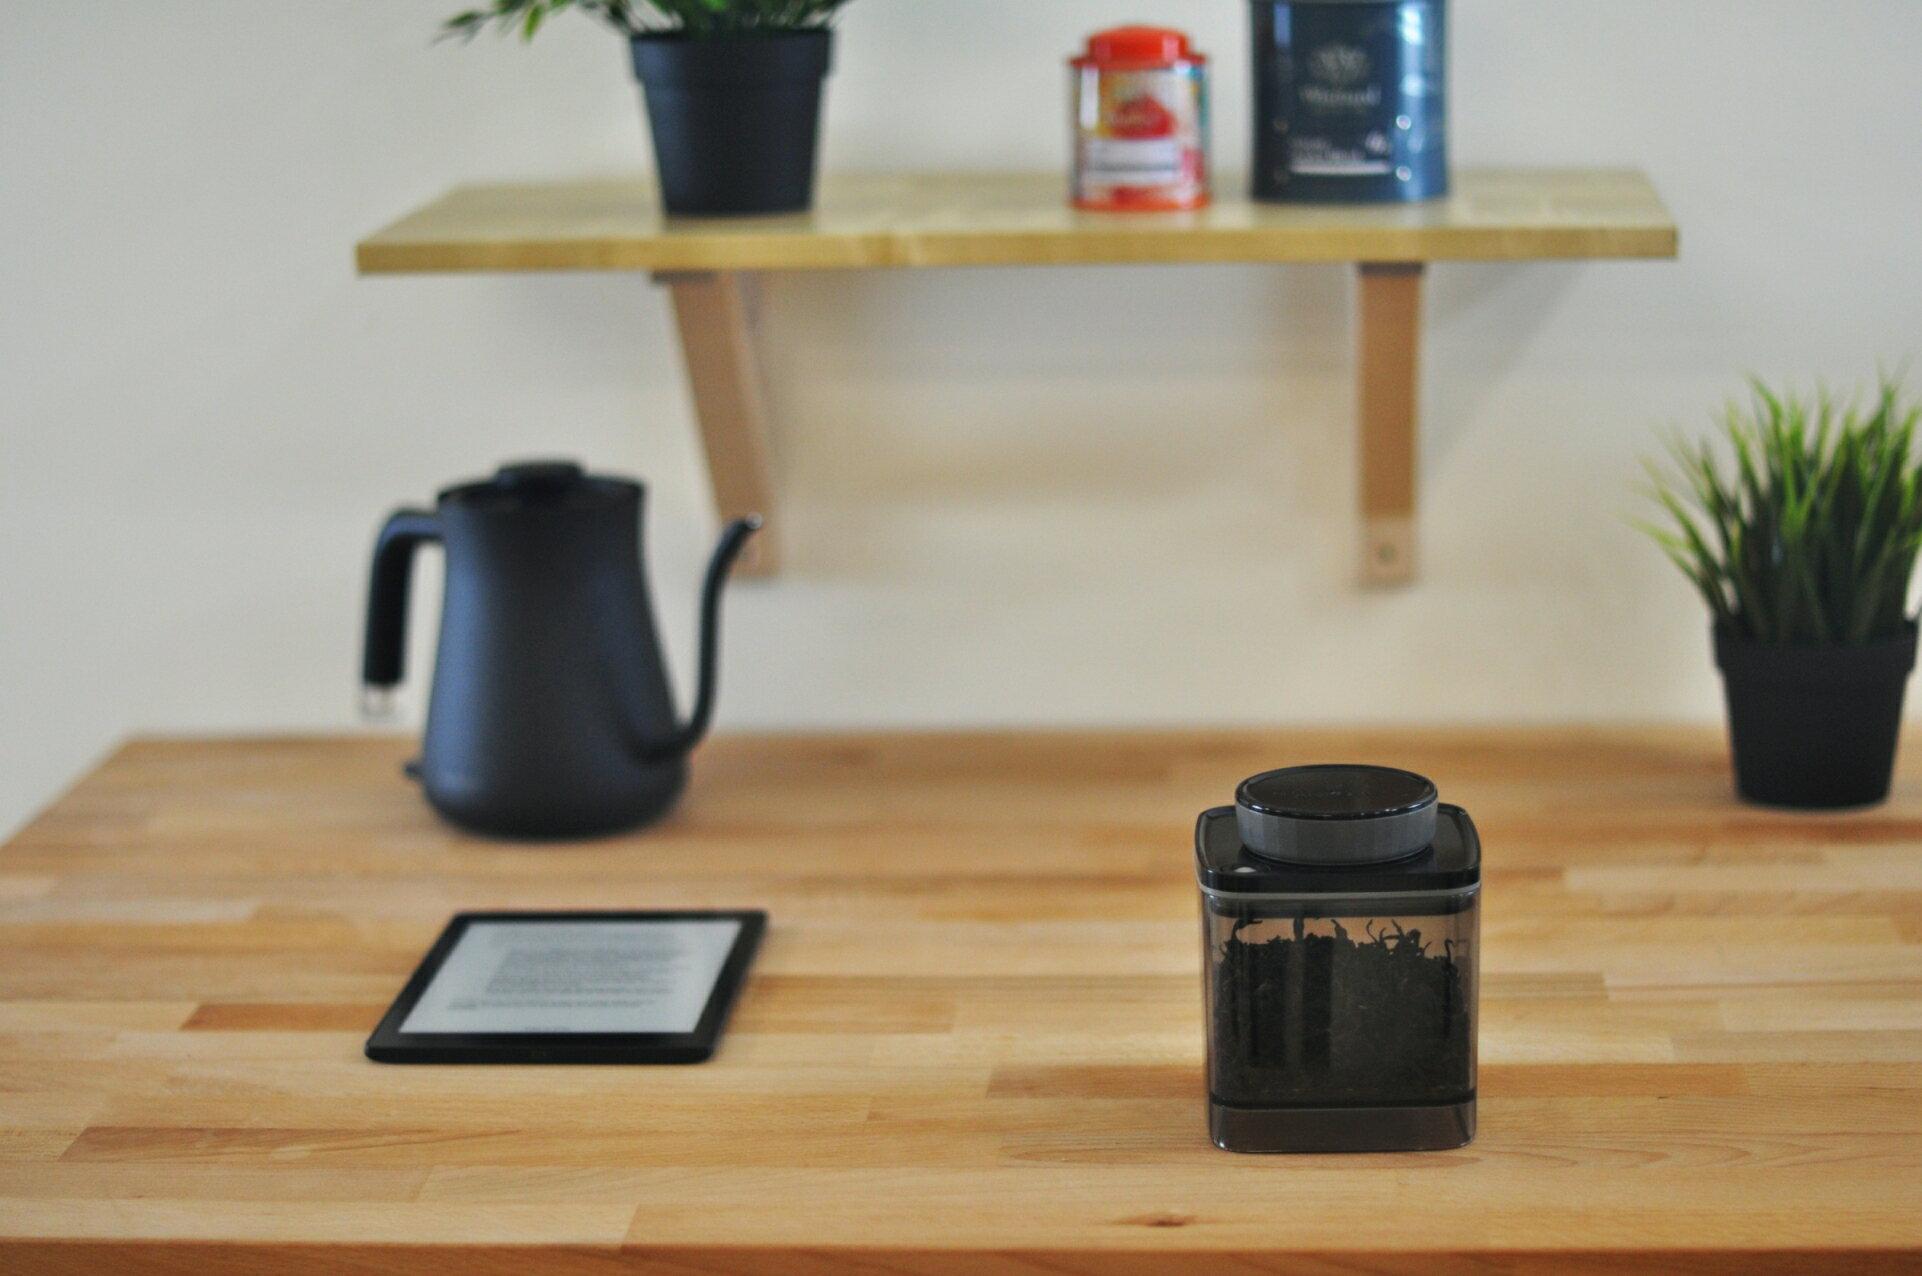 【沐湛咖啡】ANKOMN  Turn-n-Seal真空保鮮盒0.6L /  1.2L (透明黑色)密封罐 保鮮罐 2016德國紅點設計大獎 0